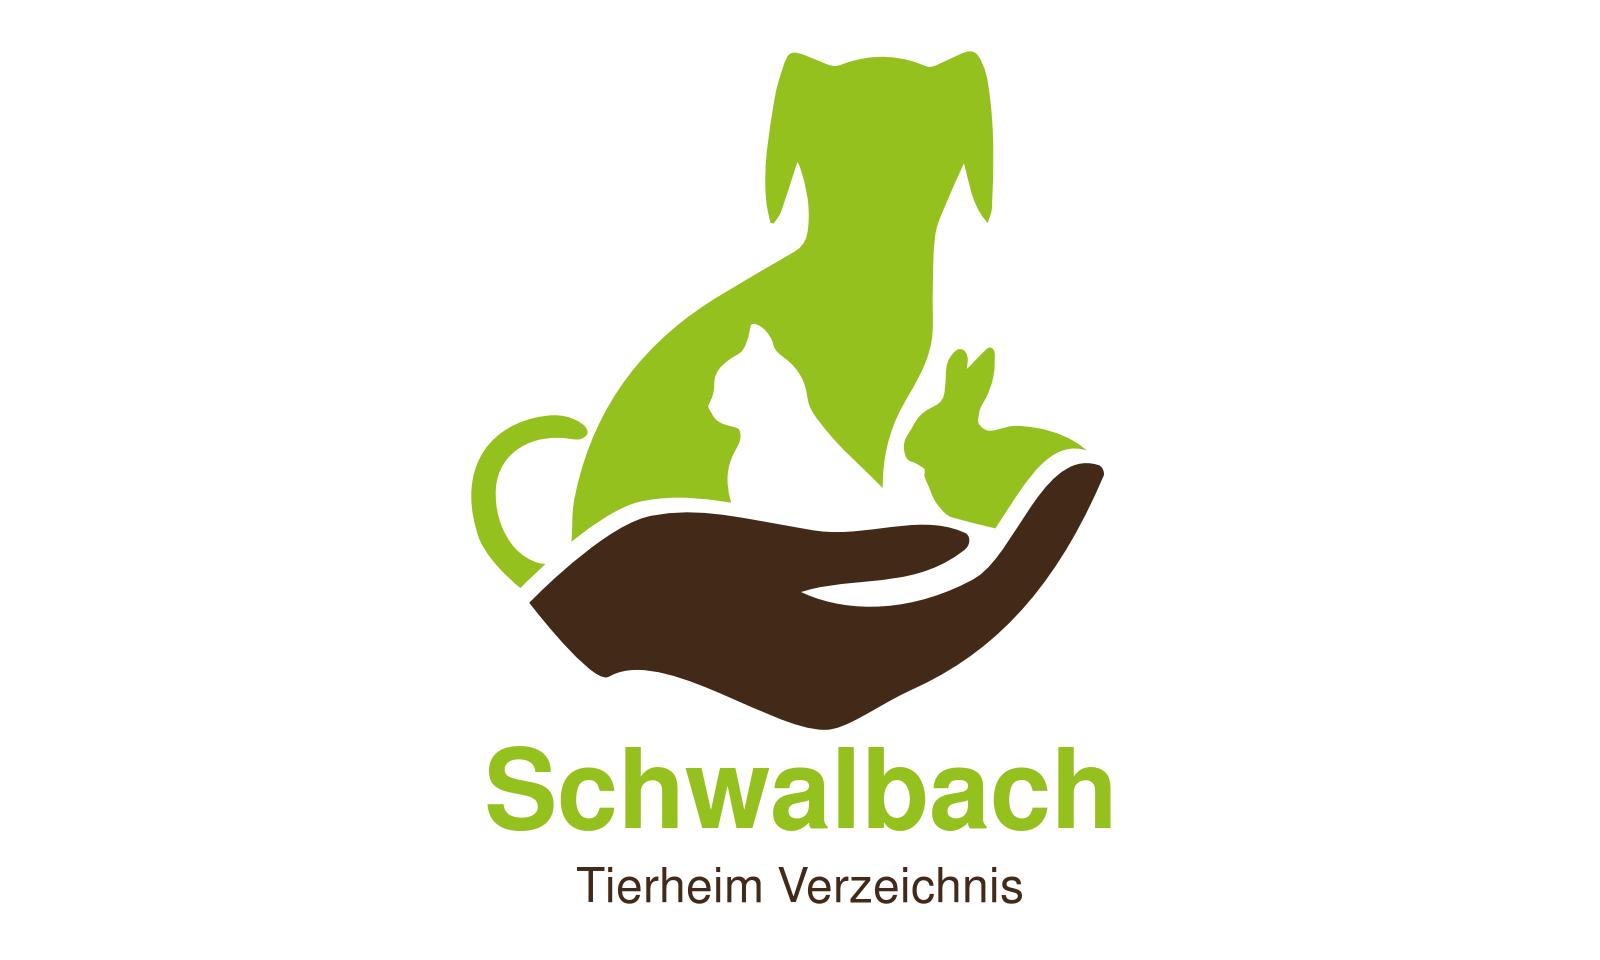 Tierheim Schwalbach